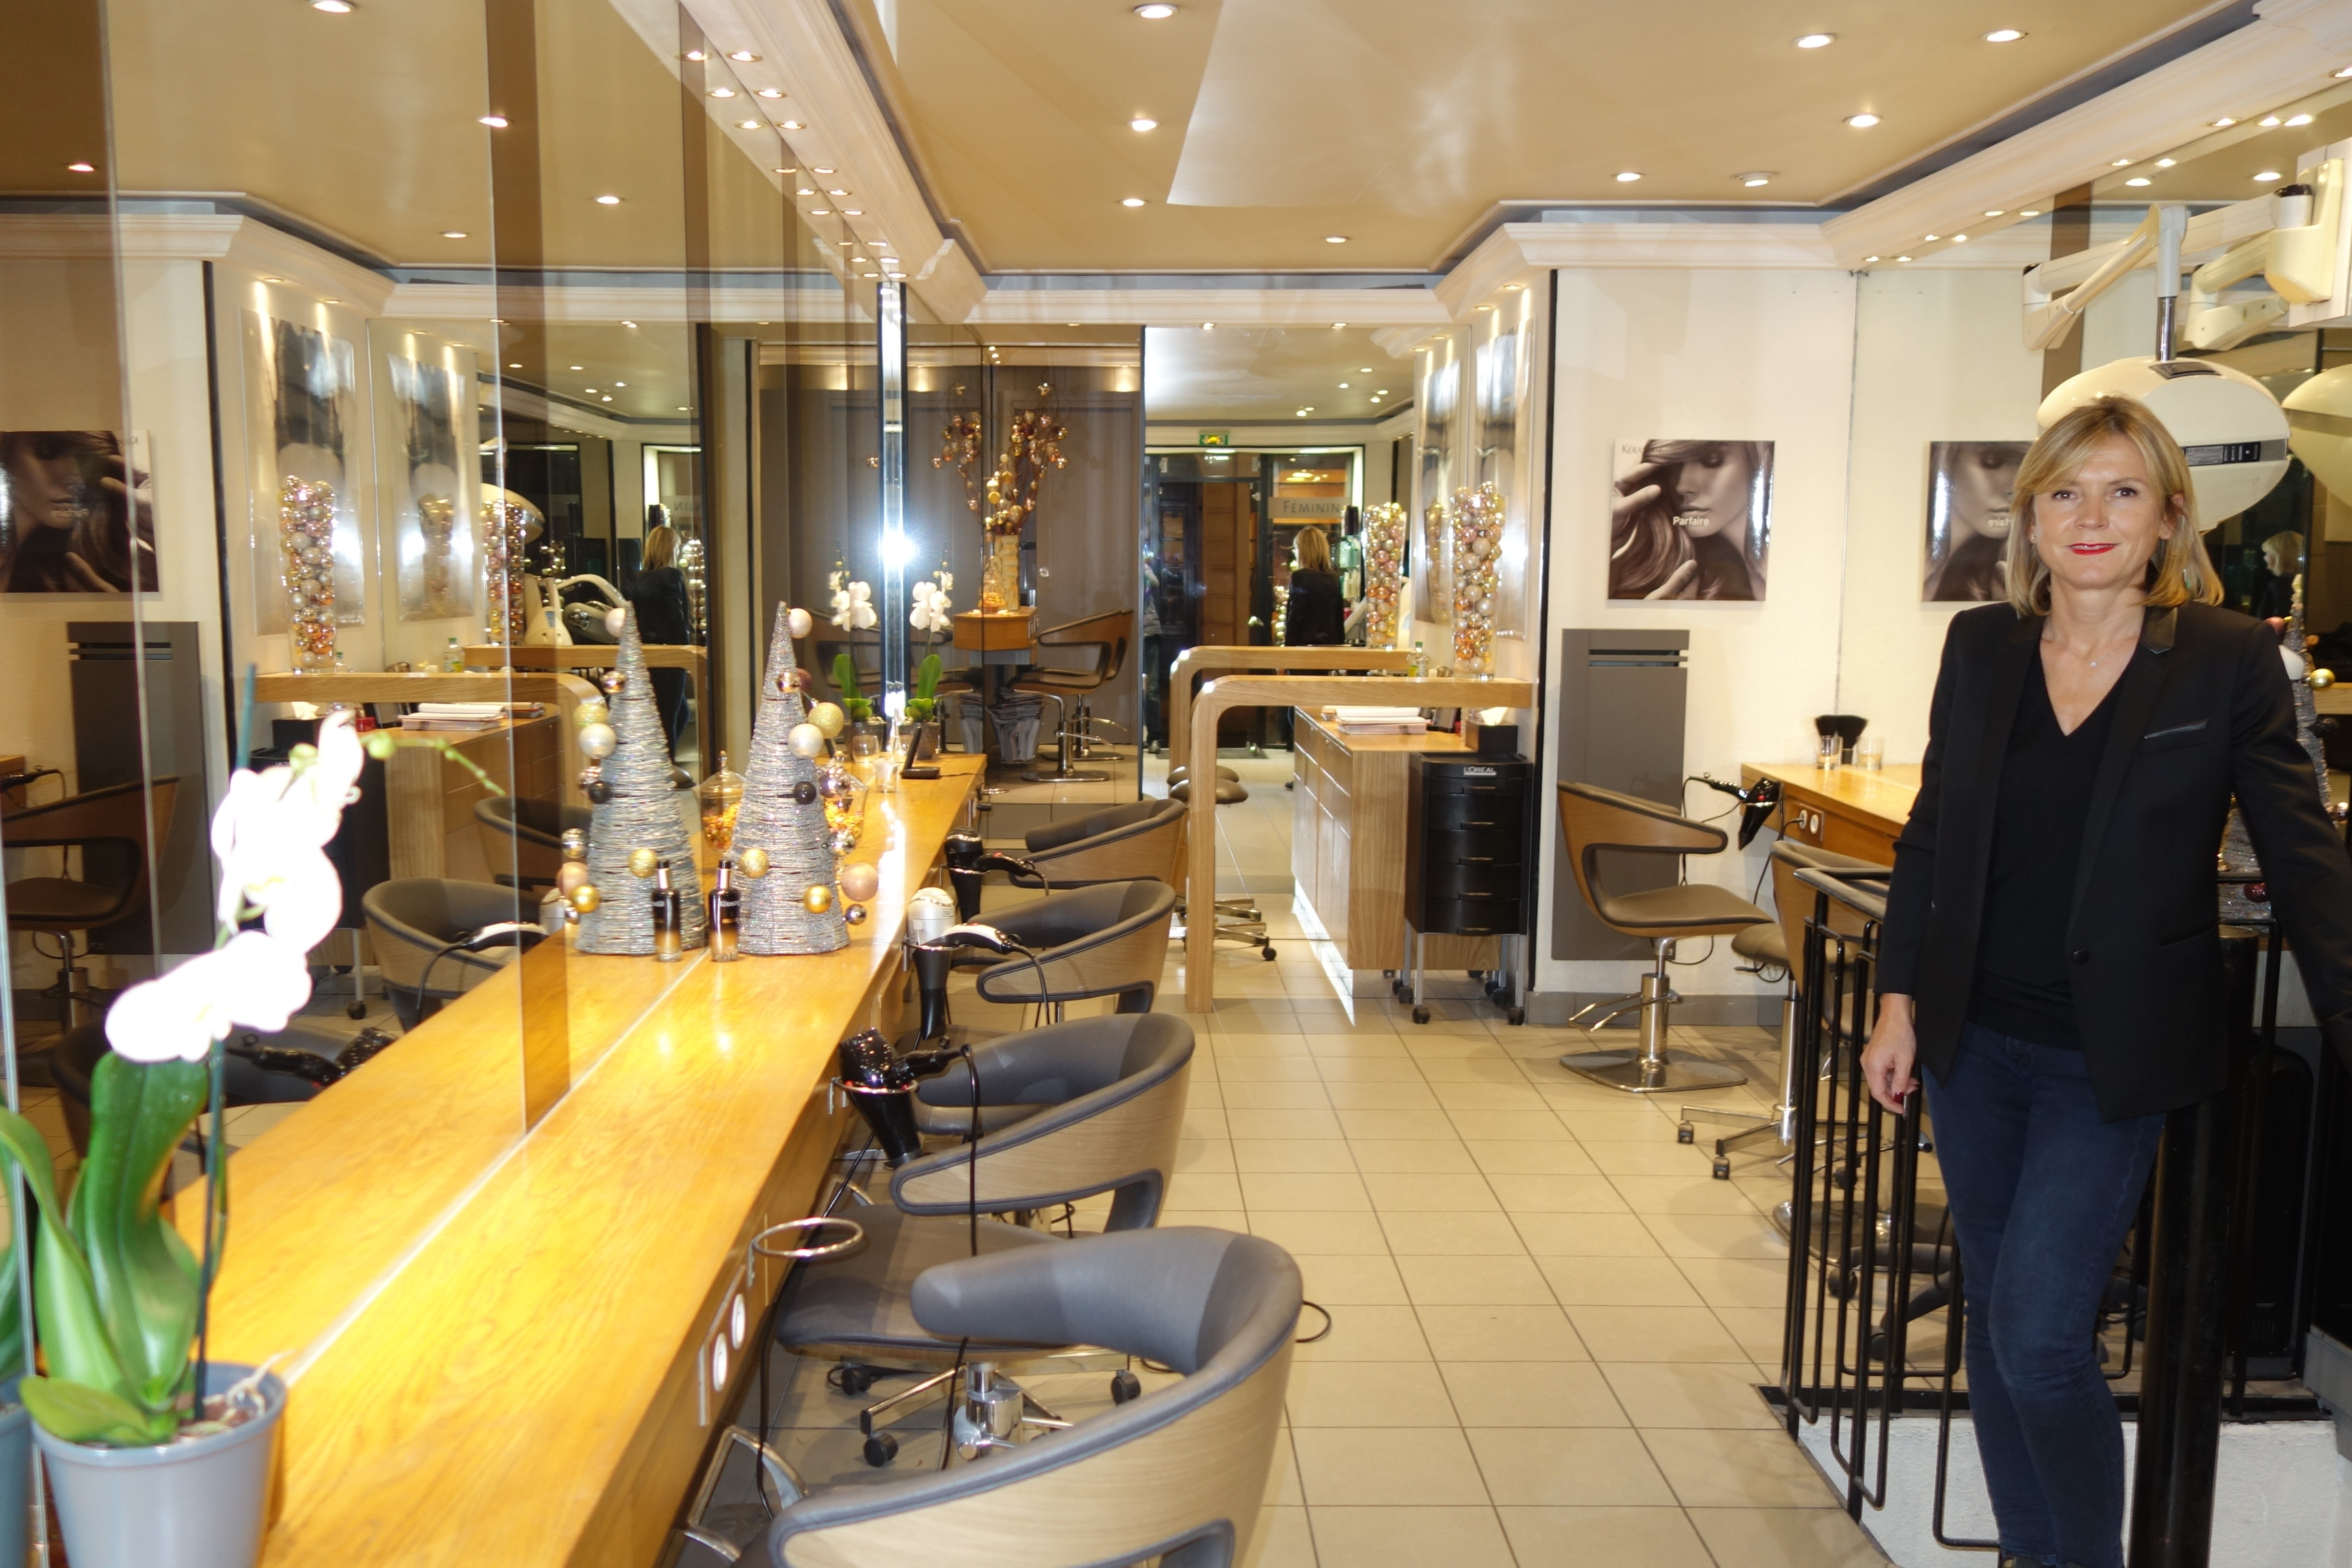 Thomas coiffure paris 08 avis tarifs horaires t l phone for Salon de coiffure ouvert le dimanche paris